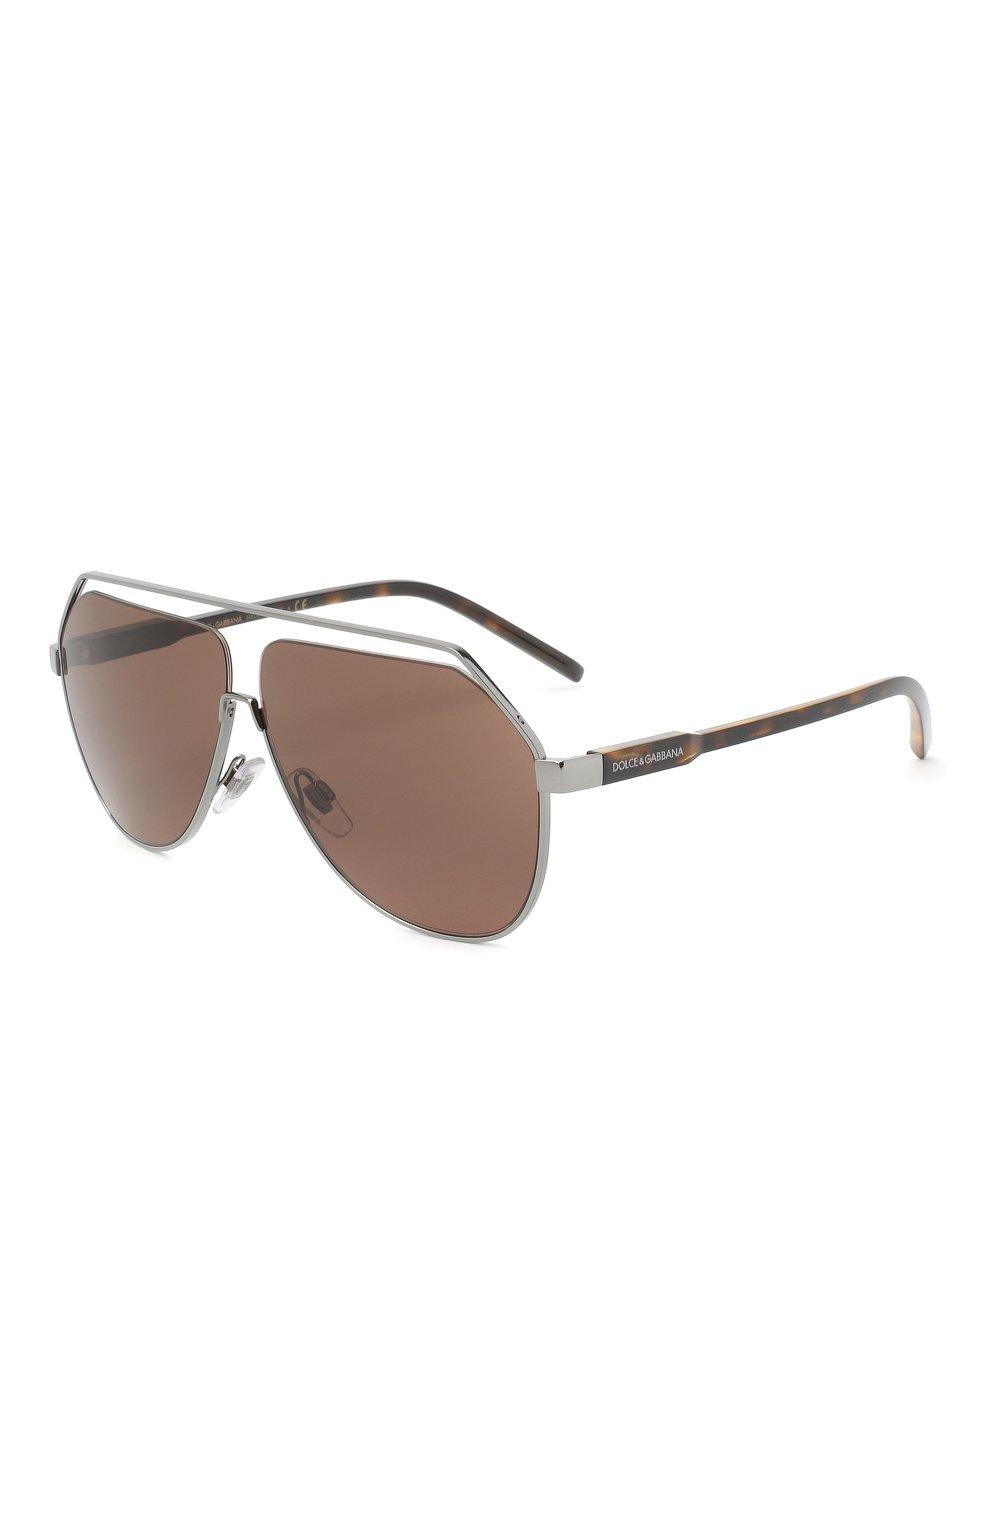 Мужские солнцезащитные очки DOLCE & GABBANA коричневого цвета, арт. 2266-04/73 | Фото 1